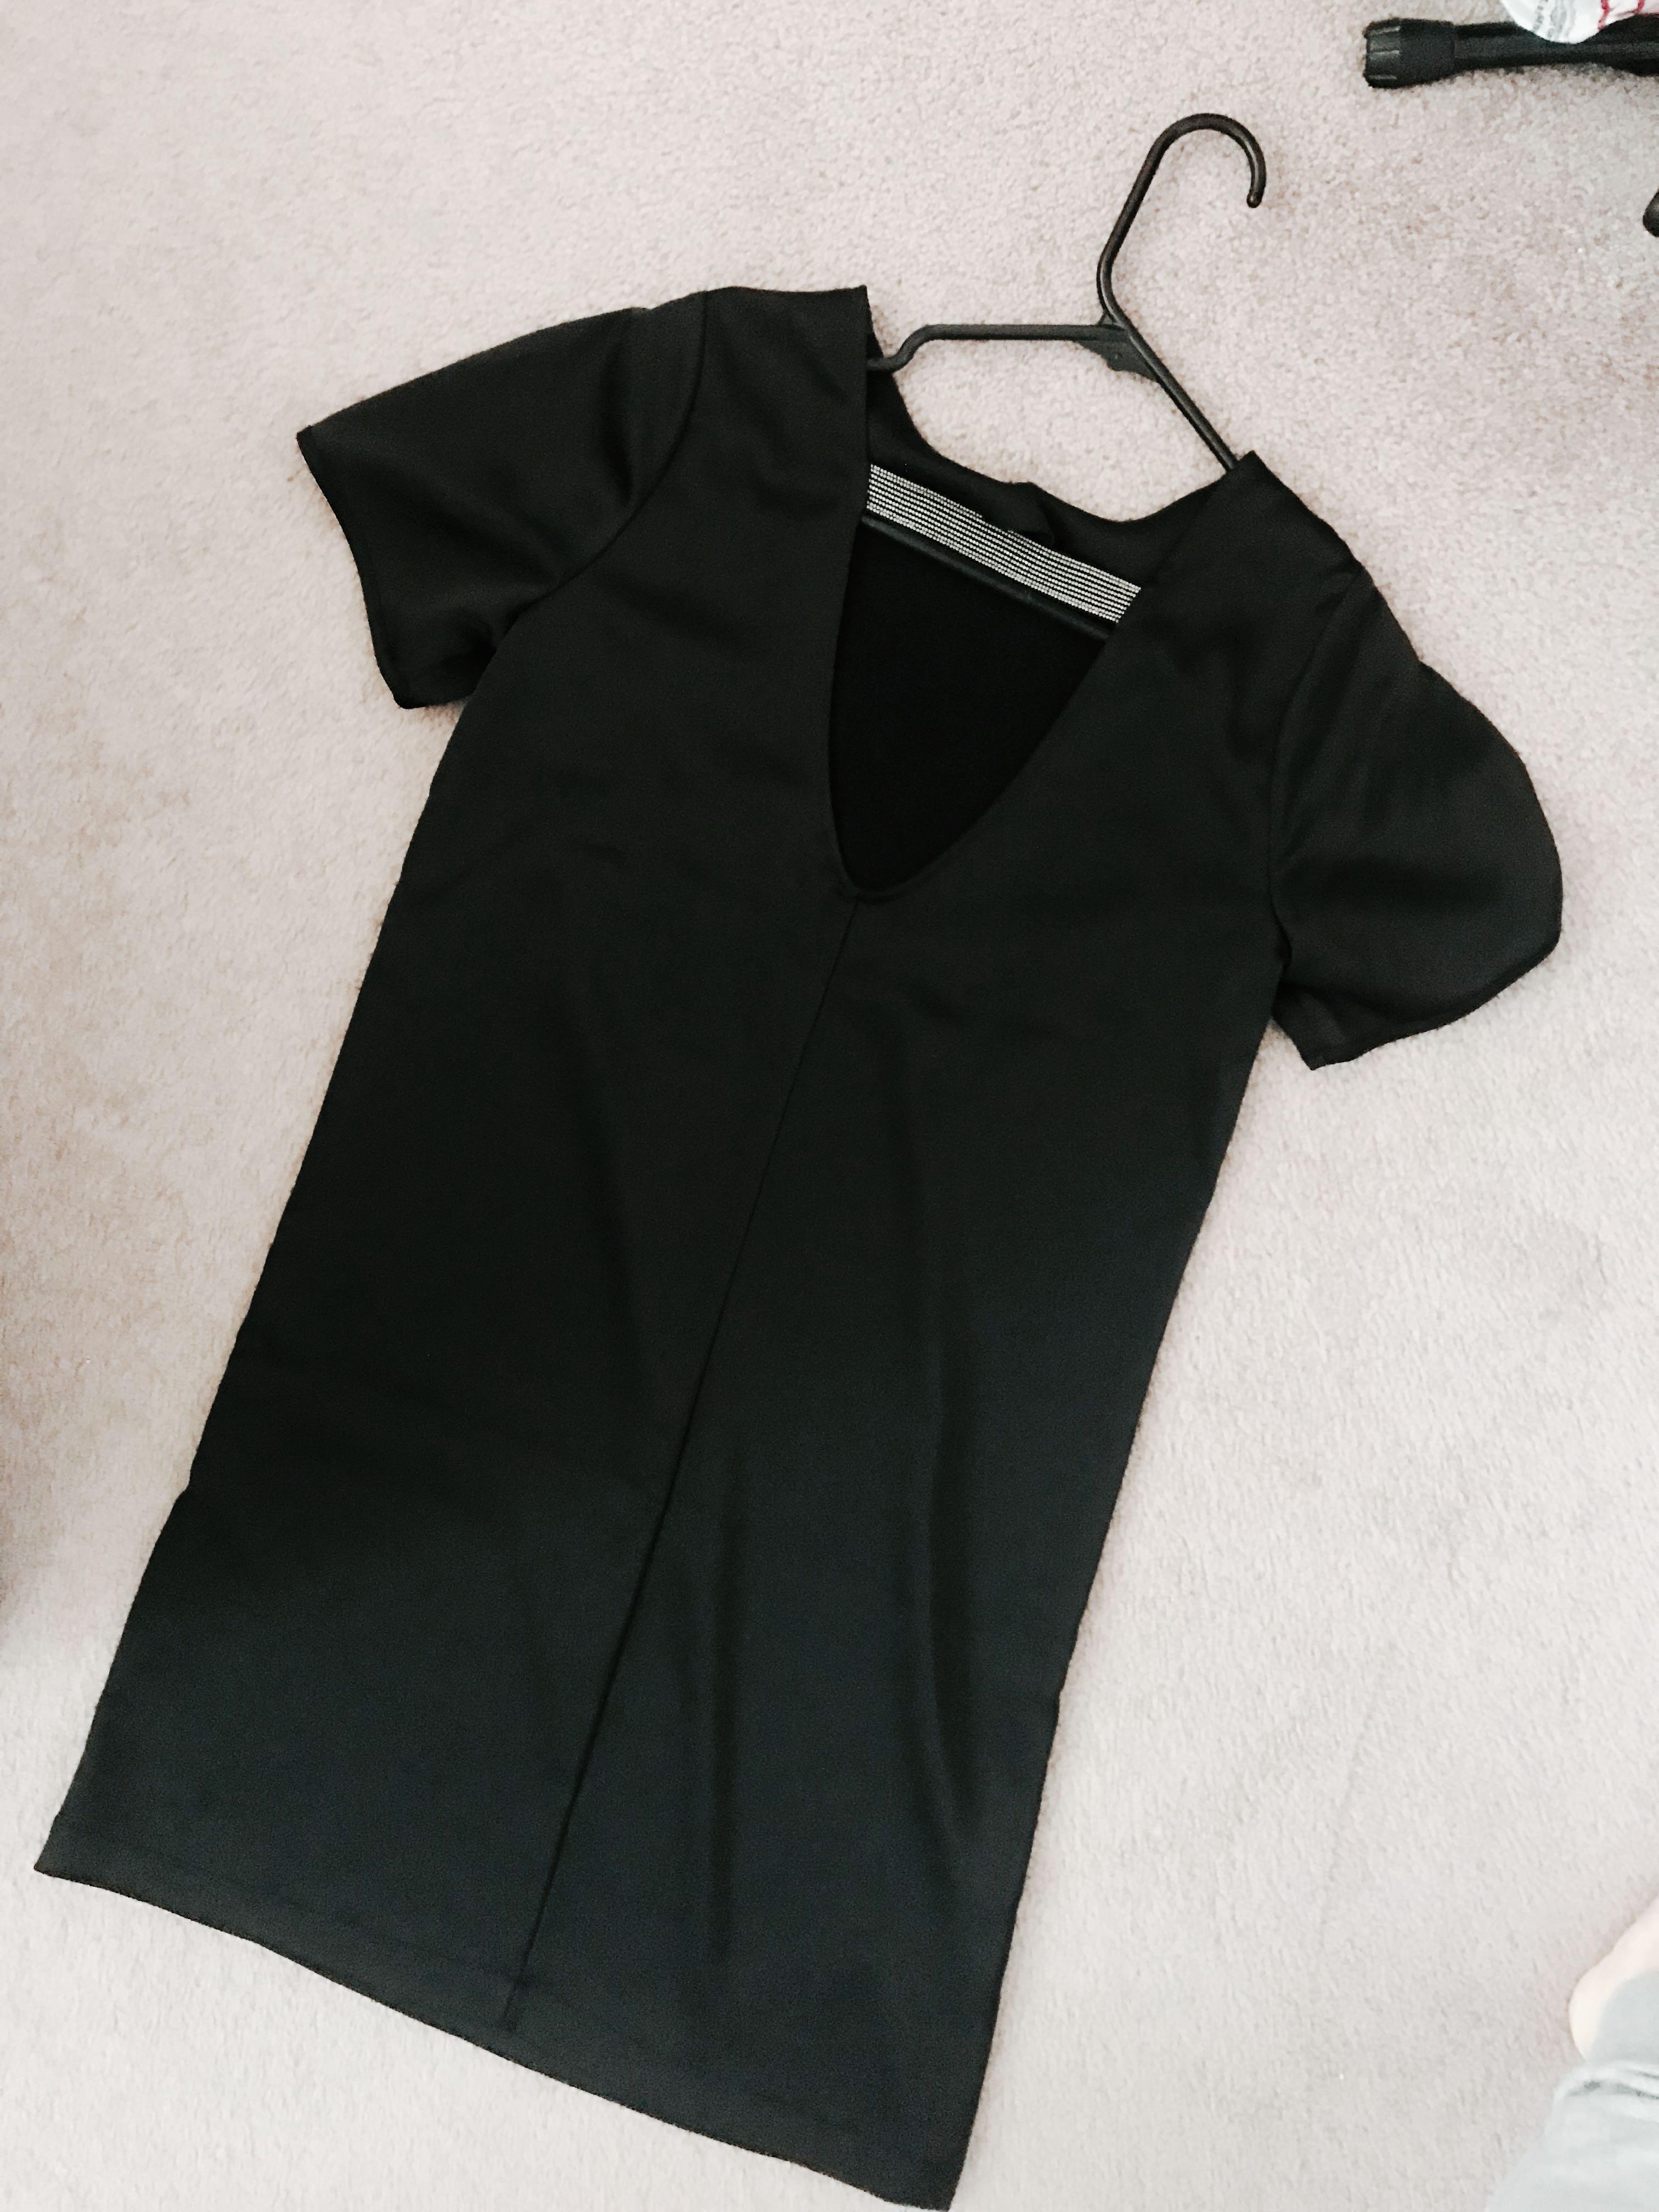 New w/ Tags, H&M Black dress w/ silver detail, Size 2